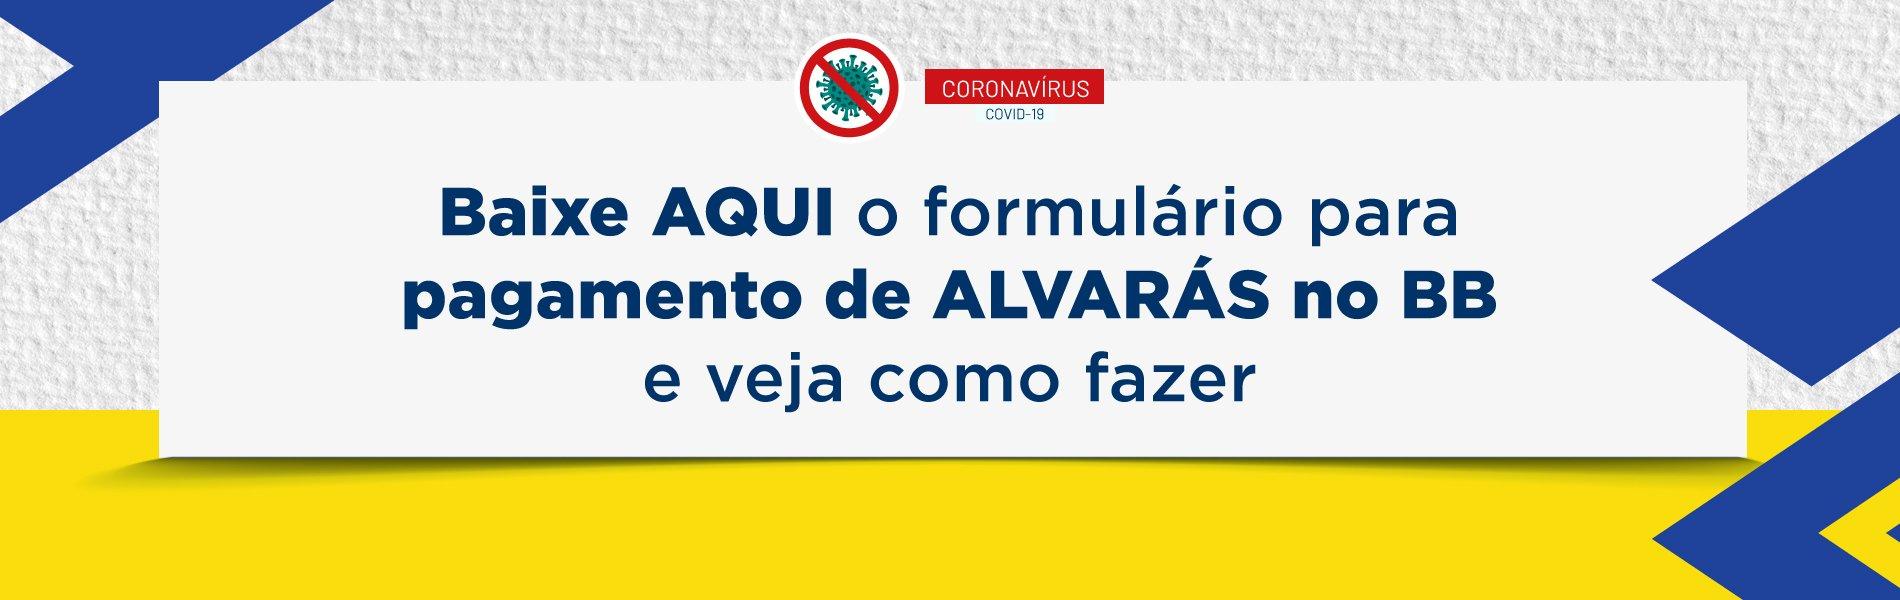 [Coronavírus: Banco do Brasil inicia pagamento de alvarás]